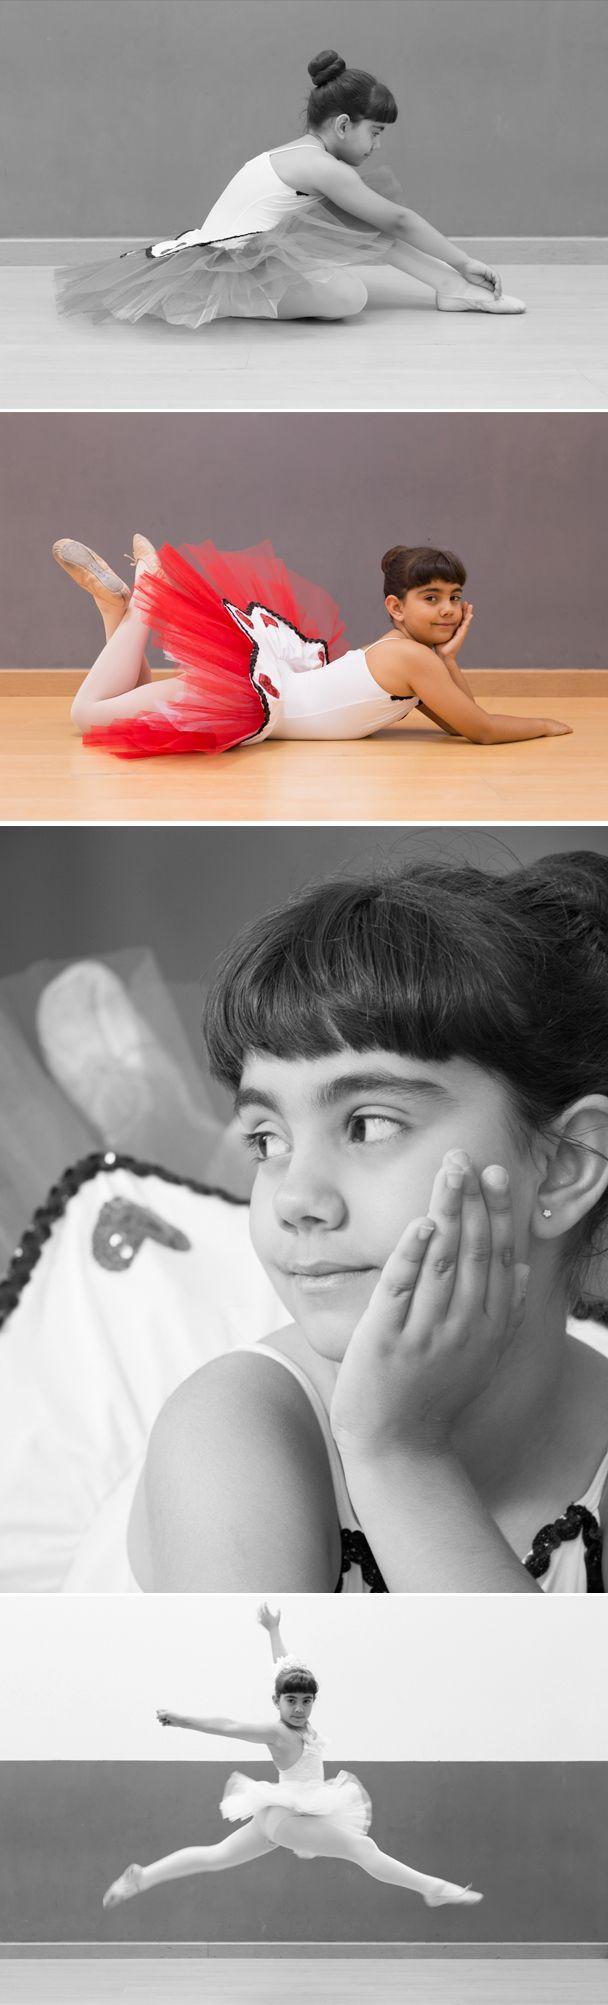 Ballet, niños, fotografía